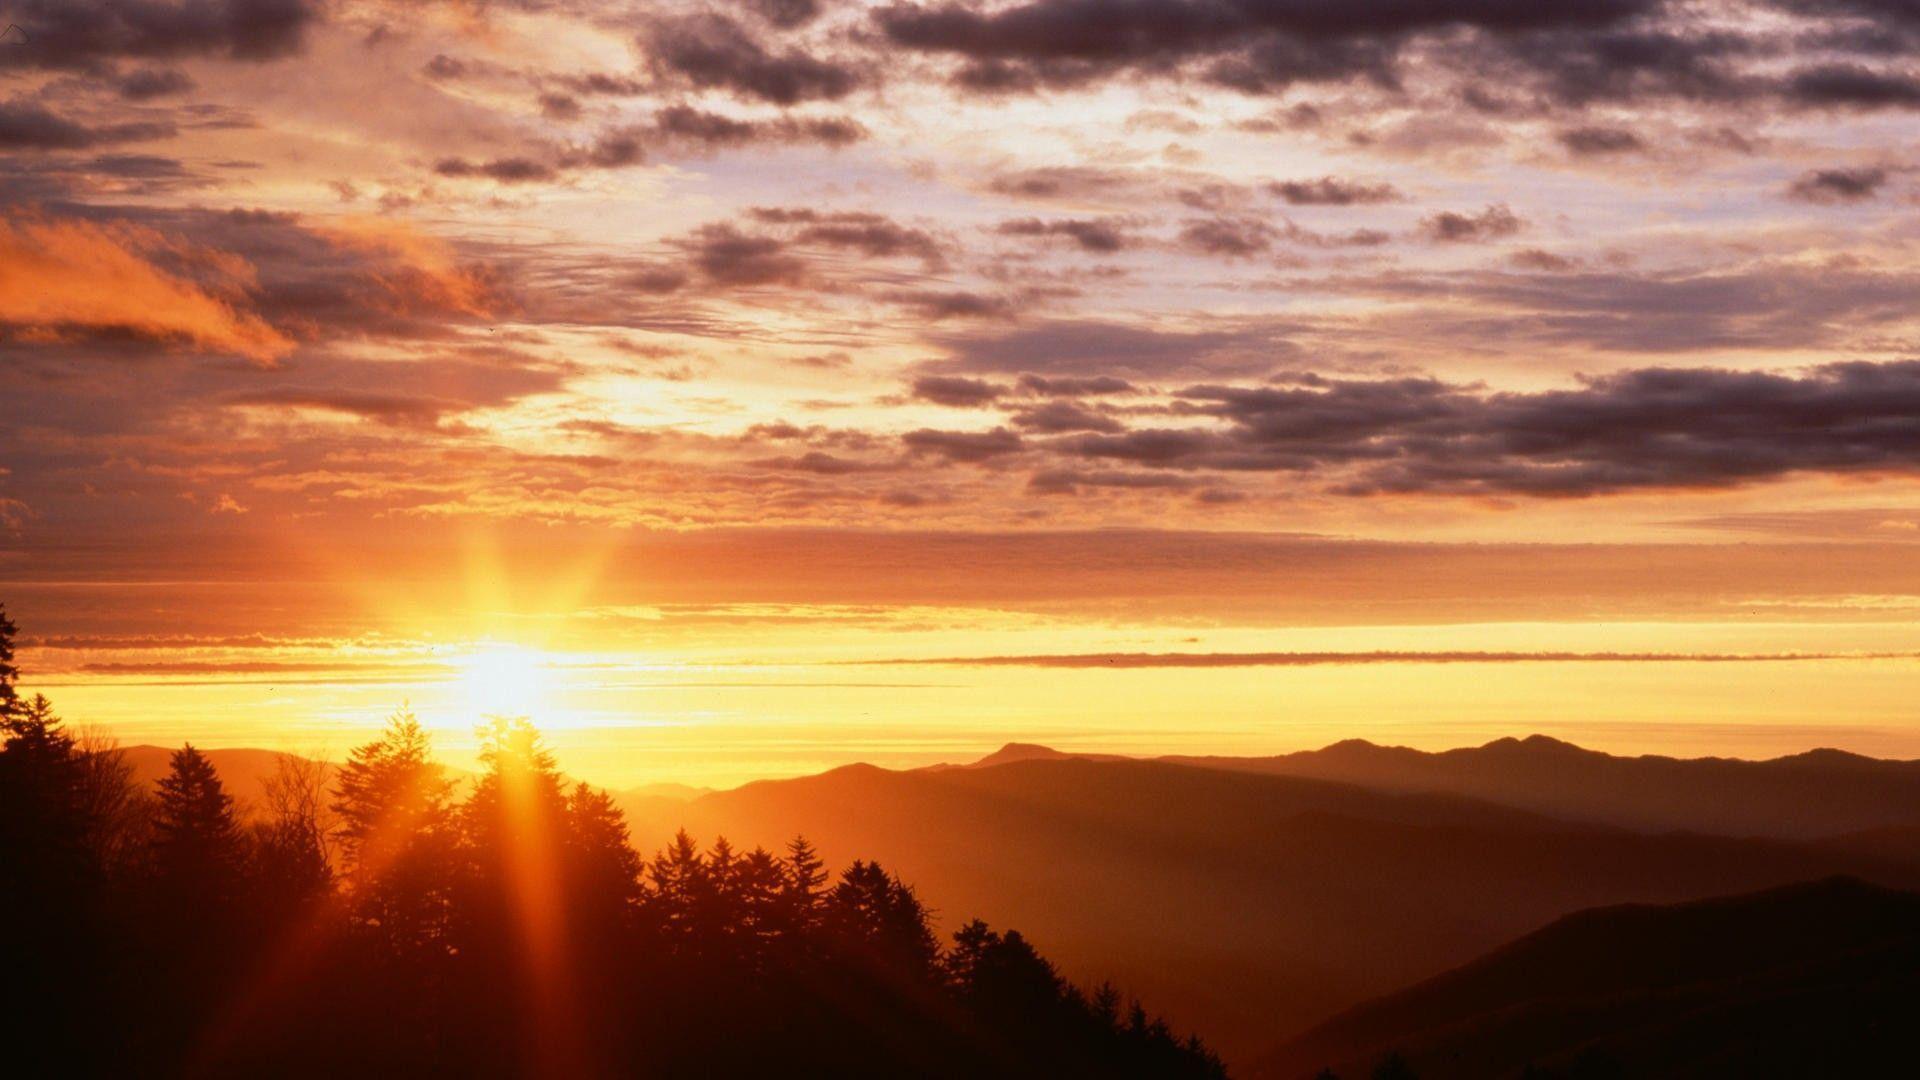 Sun Rise Wallpapers 74697 Best HD Wallpapers | Wallpaiper.